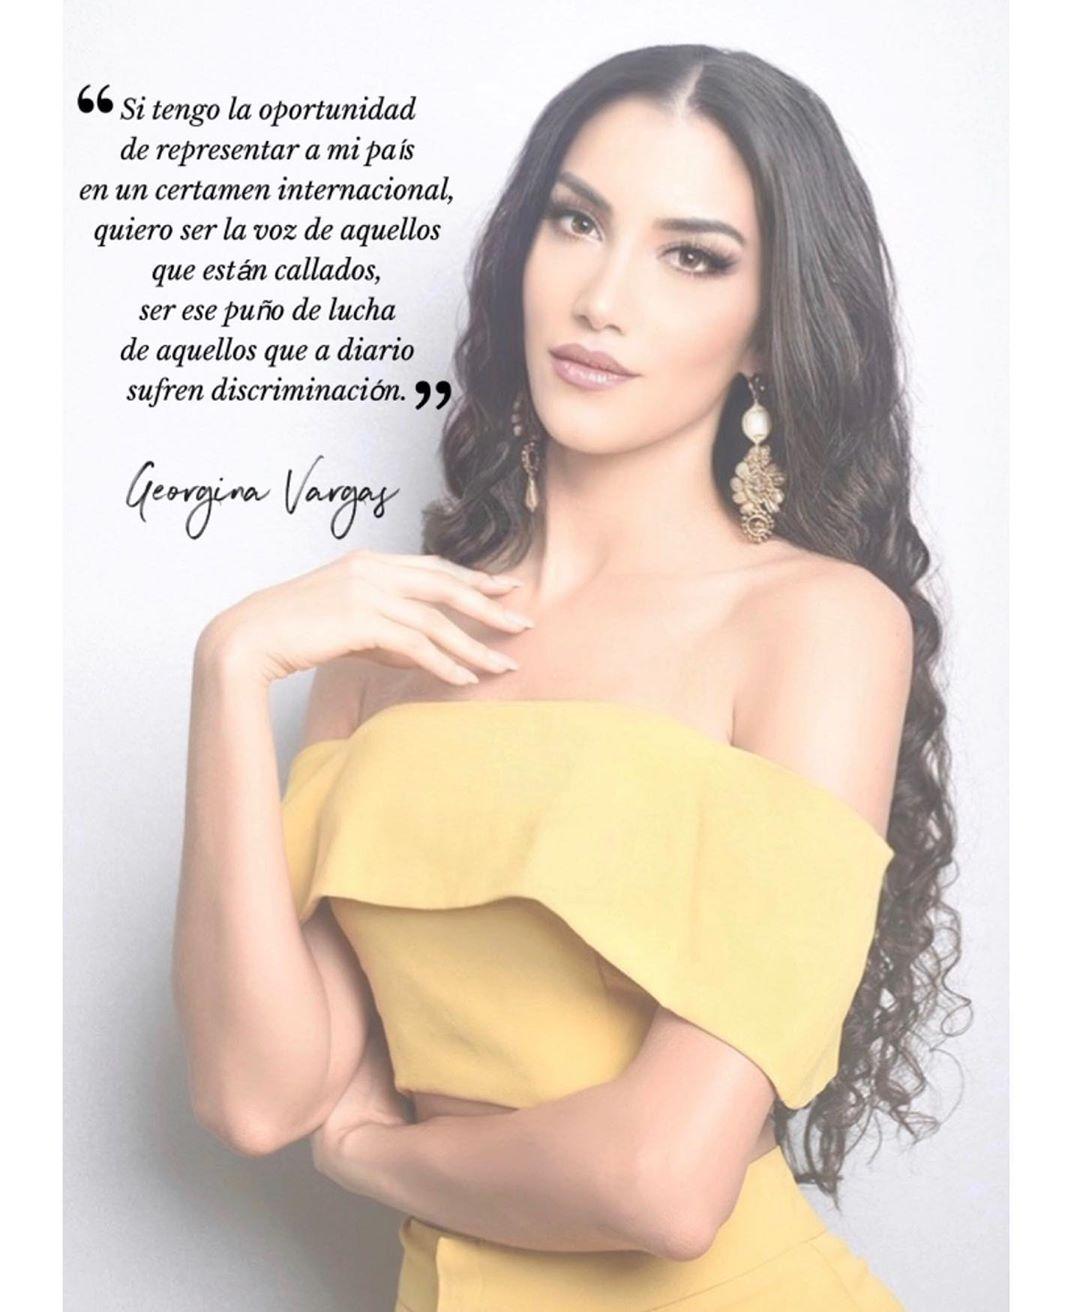 georgina vargas, candidata a miss mexico 2020, representando coahuila. 10149010